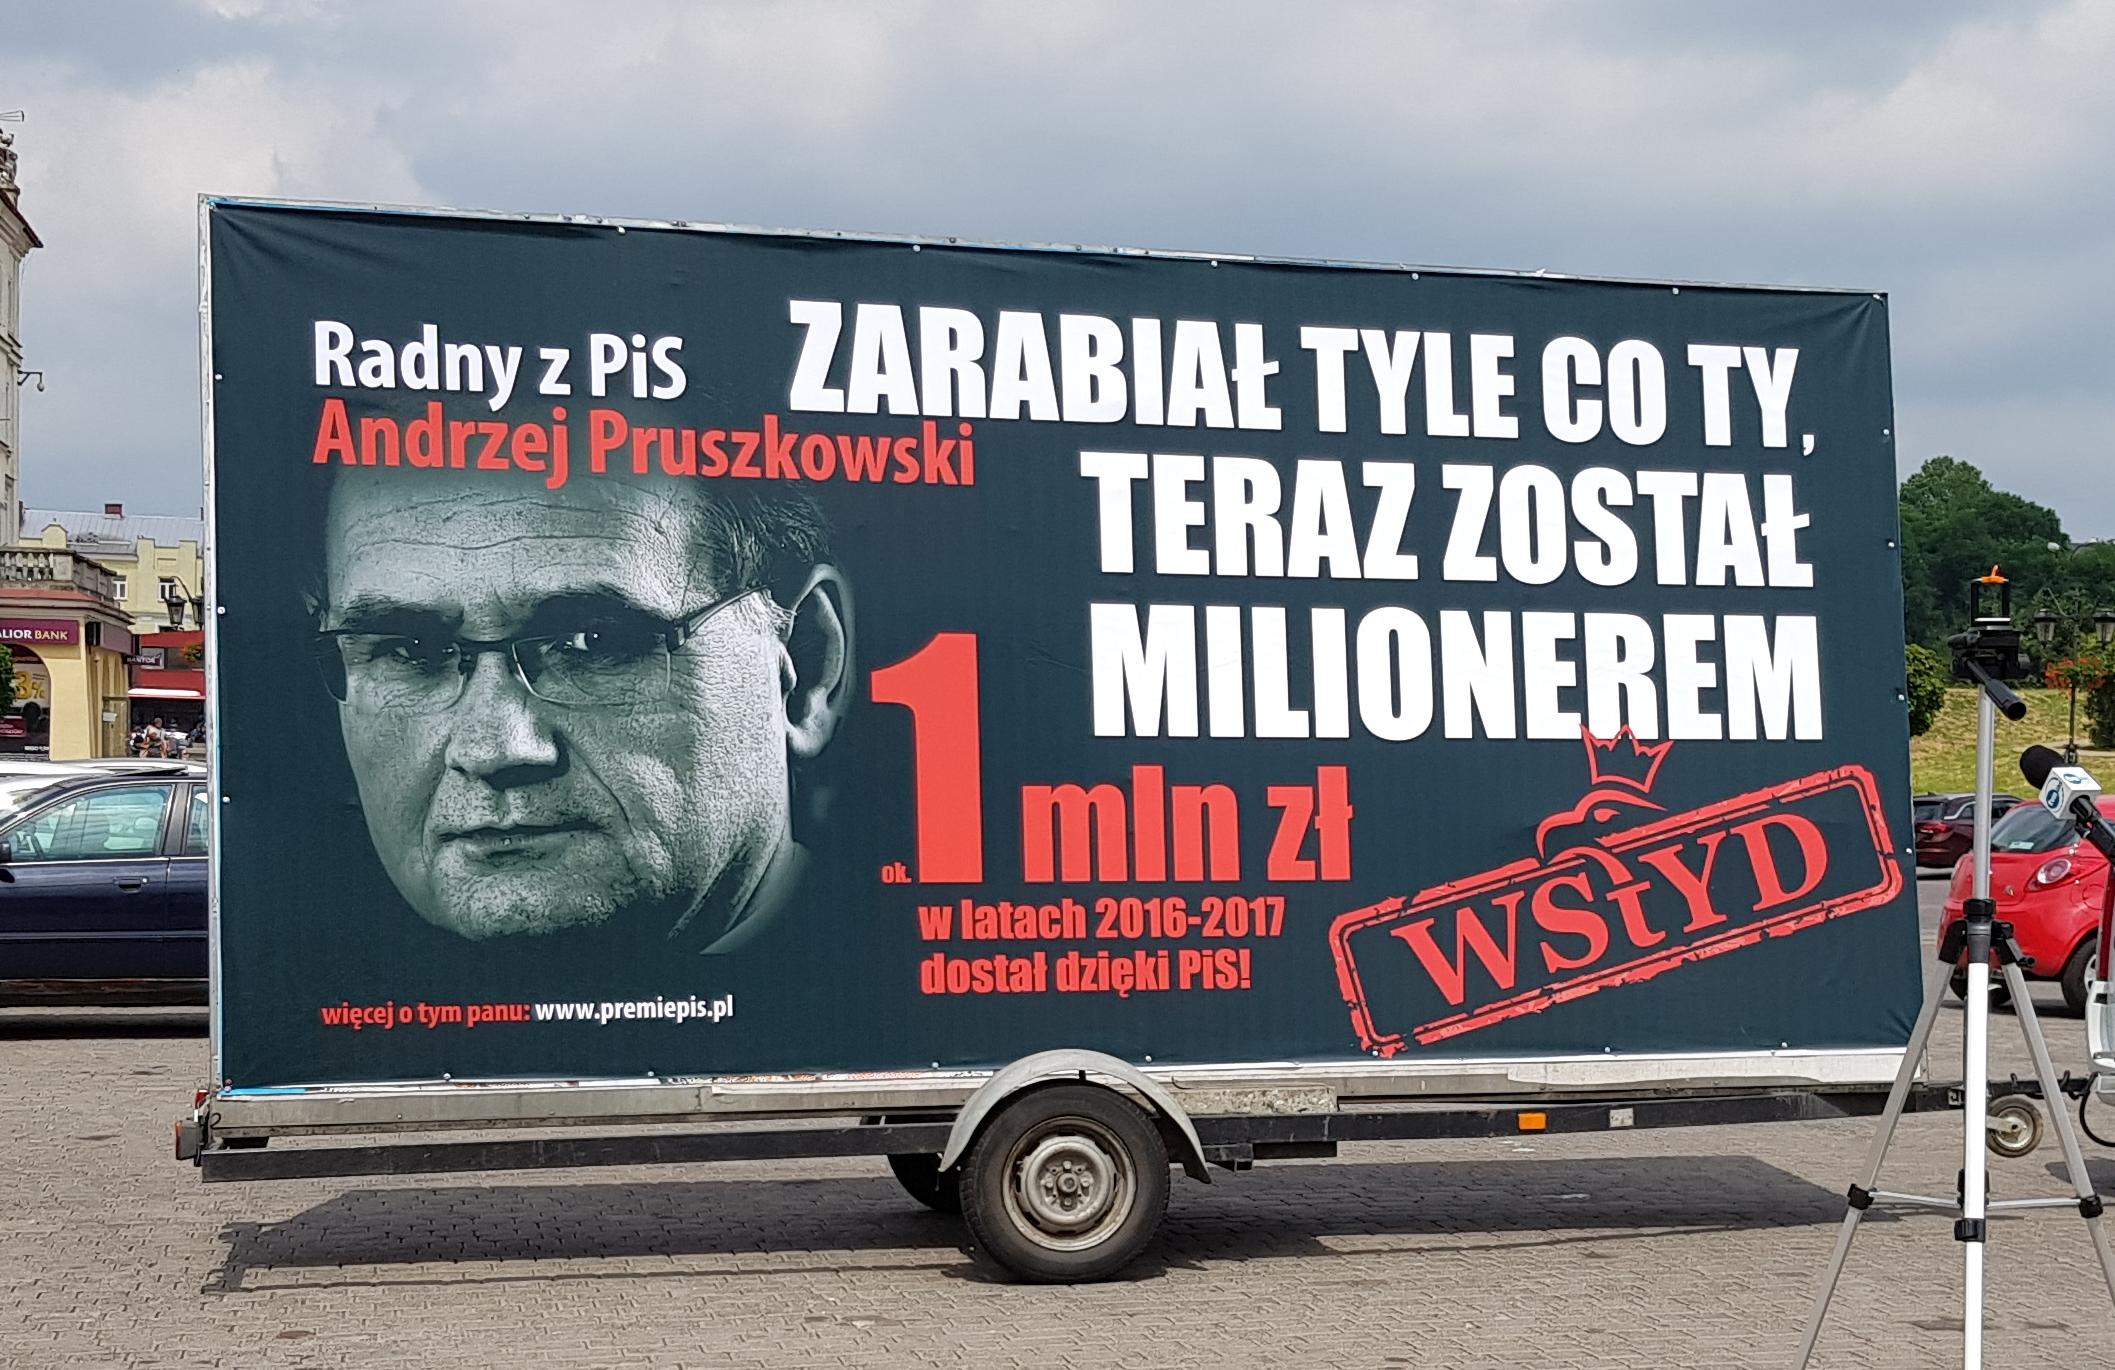 Zarabiał tyle co Ty, teraz został milionerem – billboardy z takimi hasłami wyjechały w Polskę